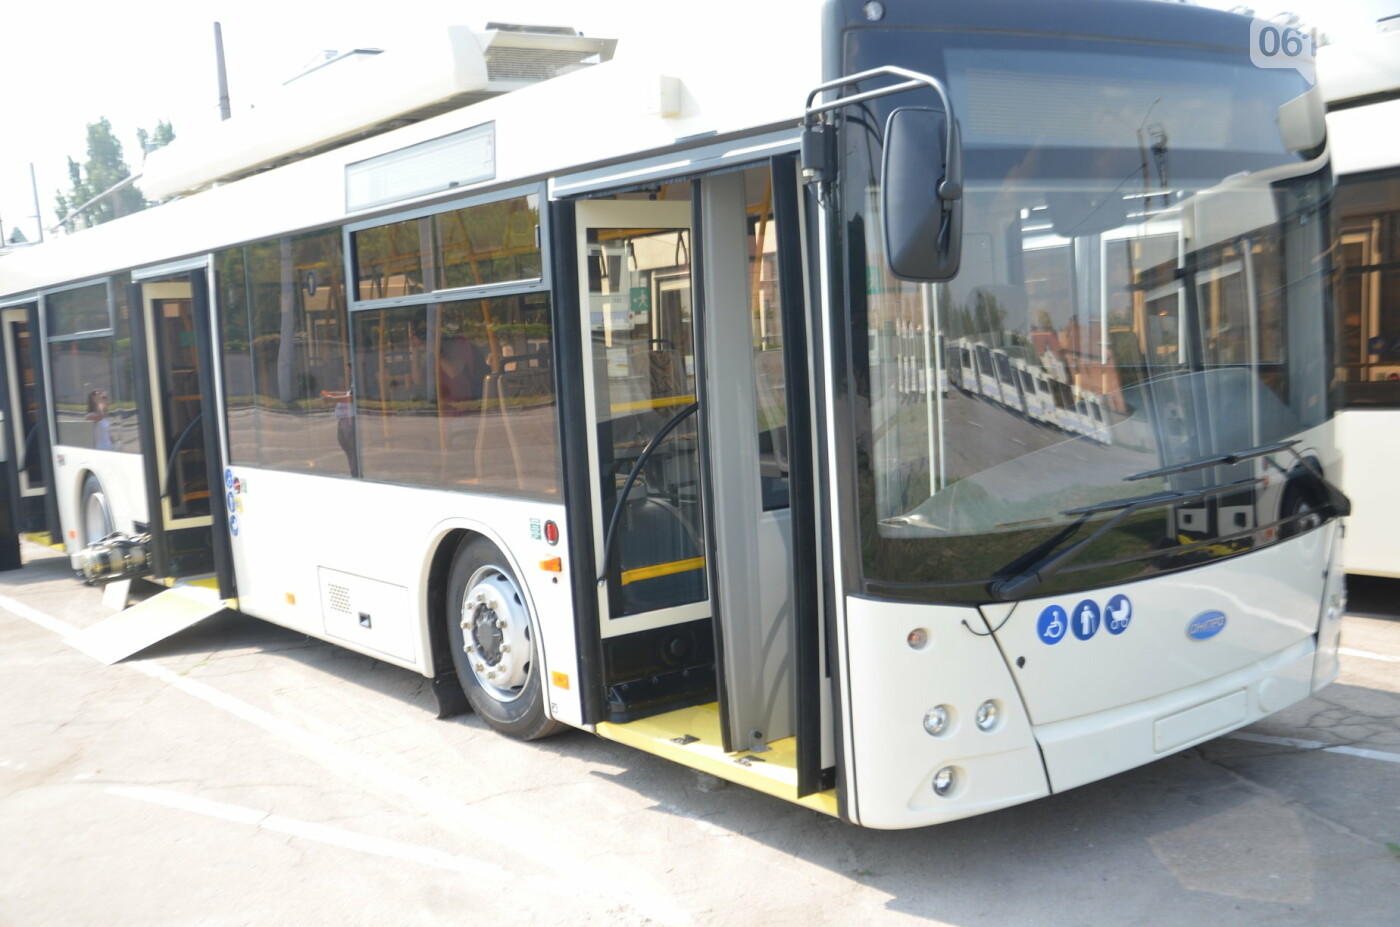 В Запорожье на линию выйдут пять новых троллейбусов с автономным ходом, - ФОТОРЕПОРТАЖ, фото-1